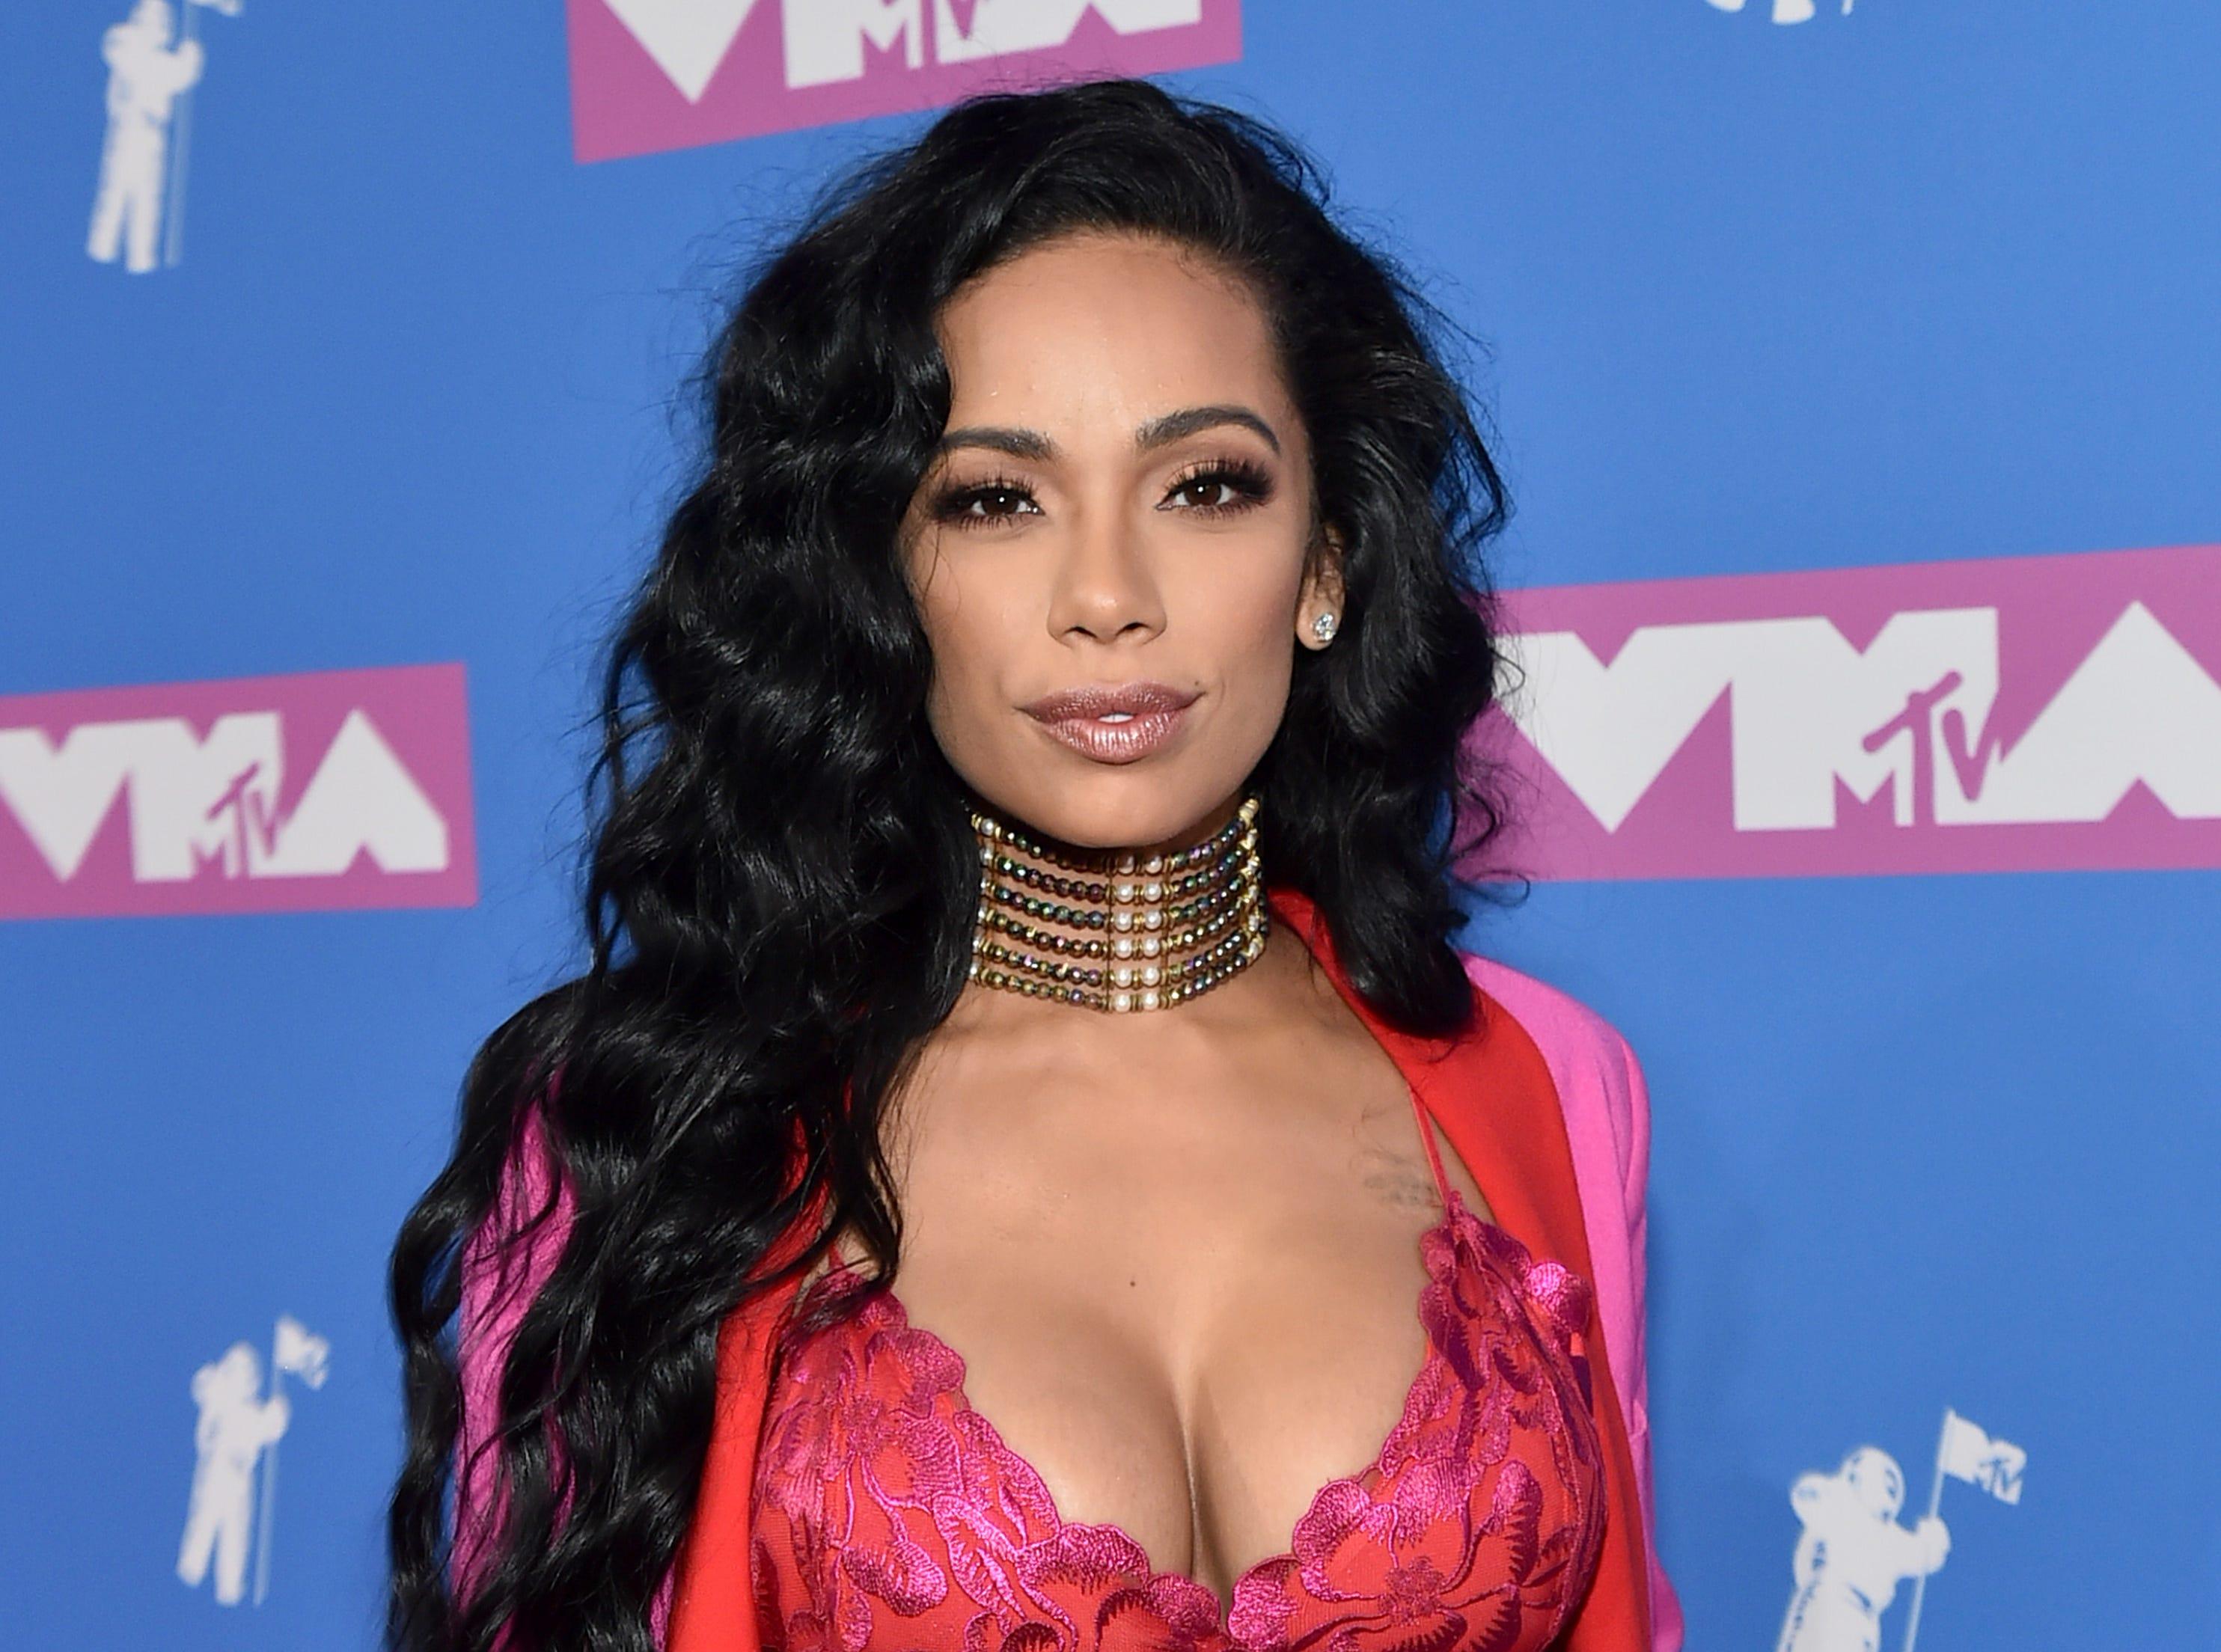 Erica Mena asiste a los MTV Video Music Awards 2018 en el Radio City Music Hall el 20 de agosto de 2018 en la ciudad de Nueva York.